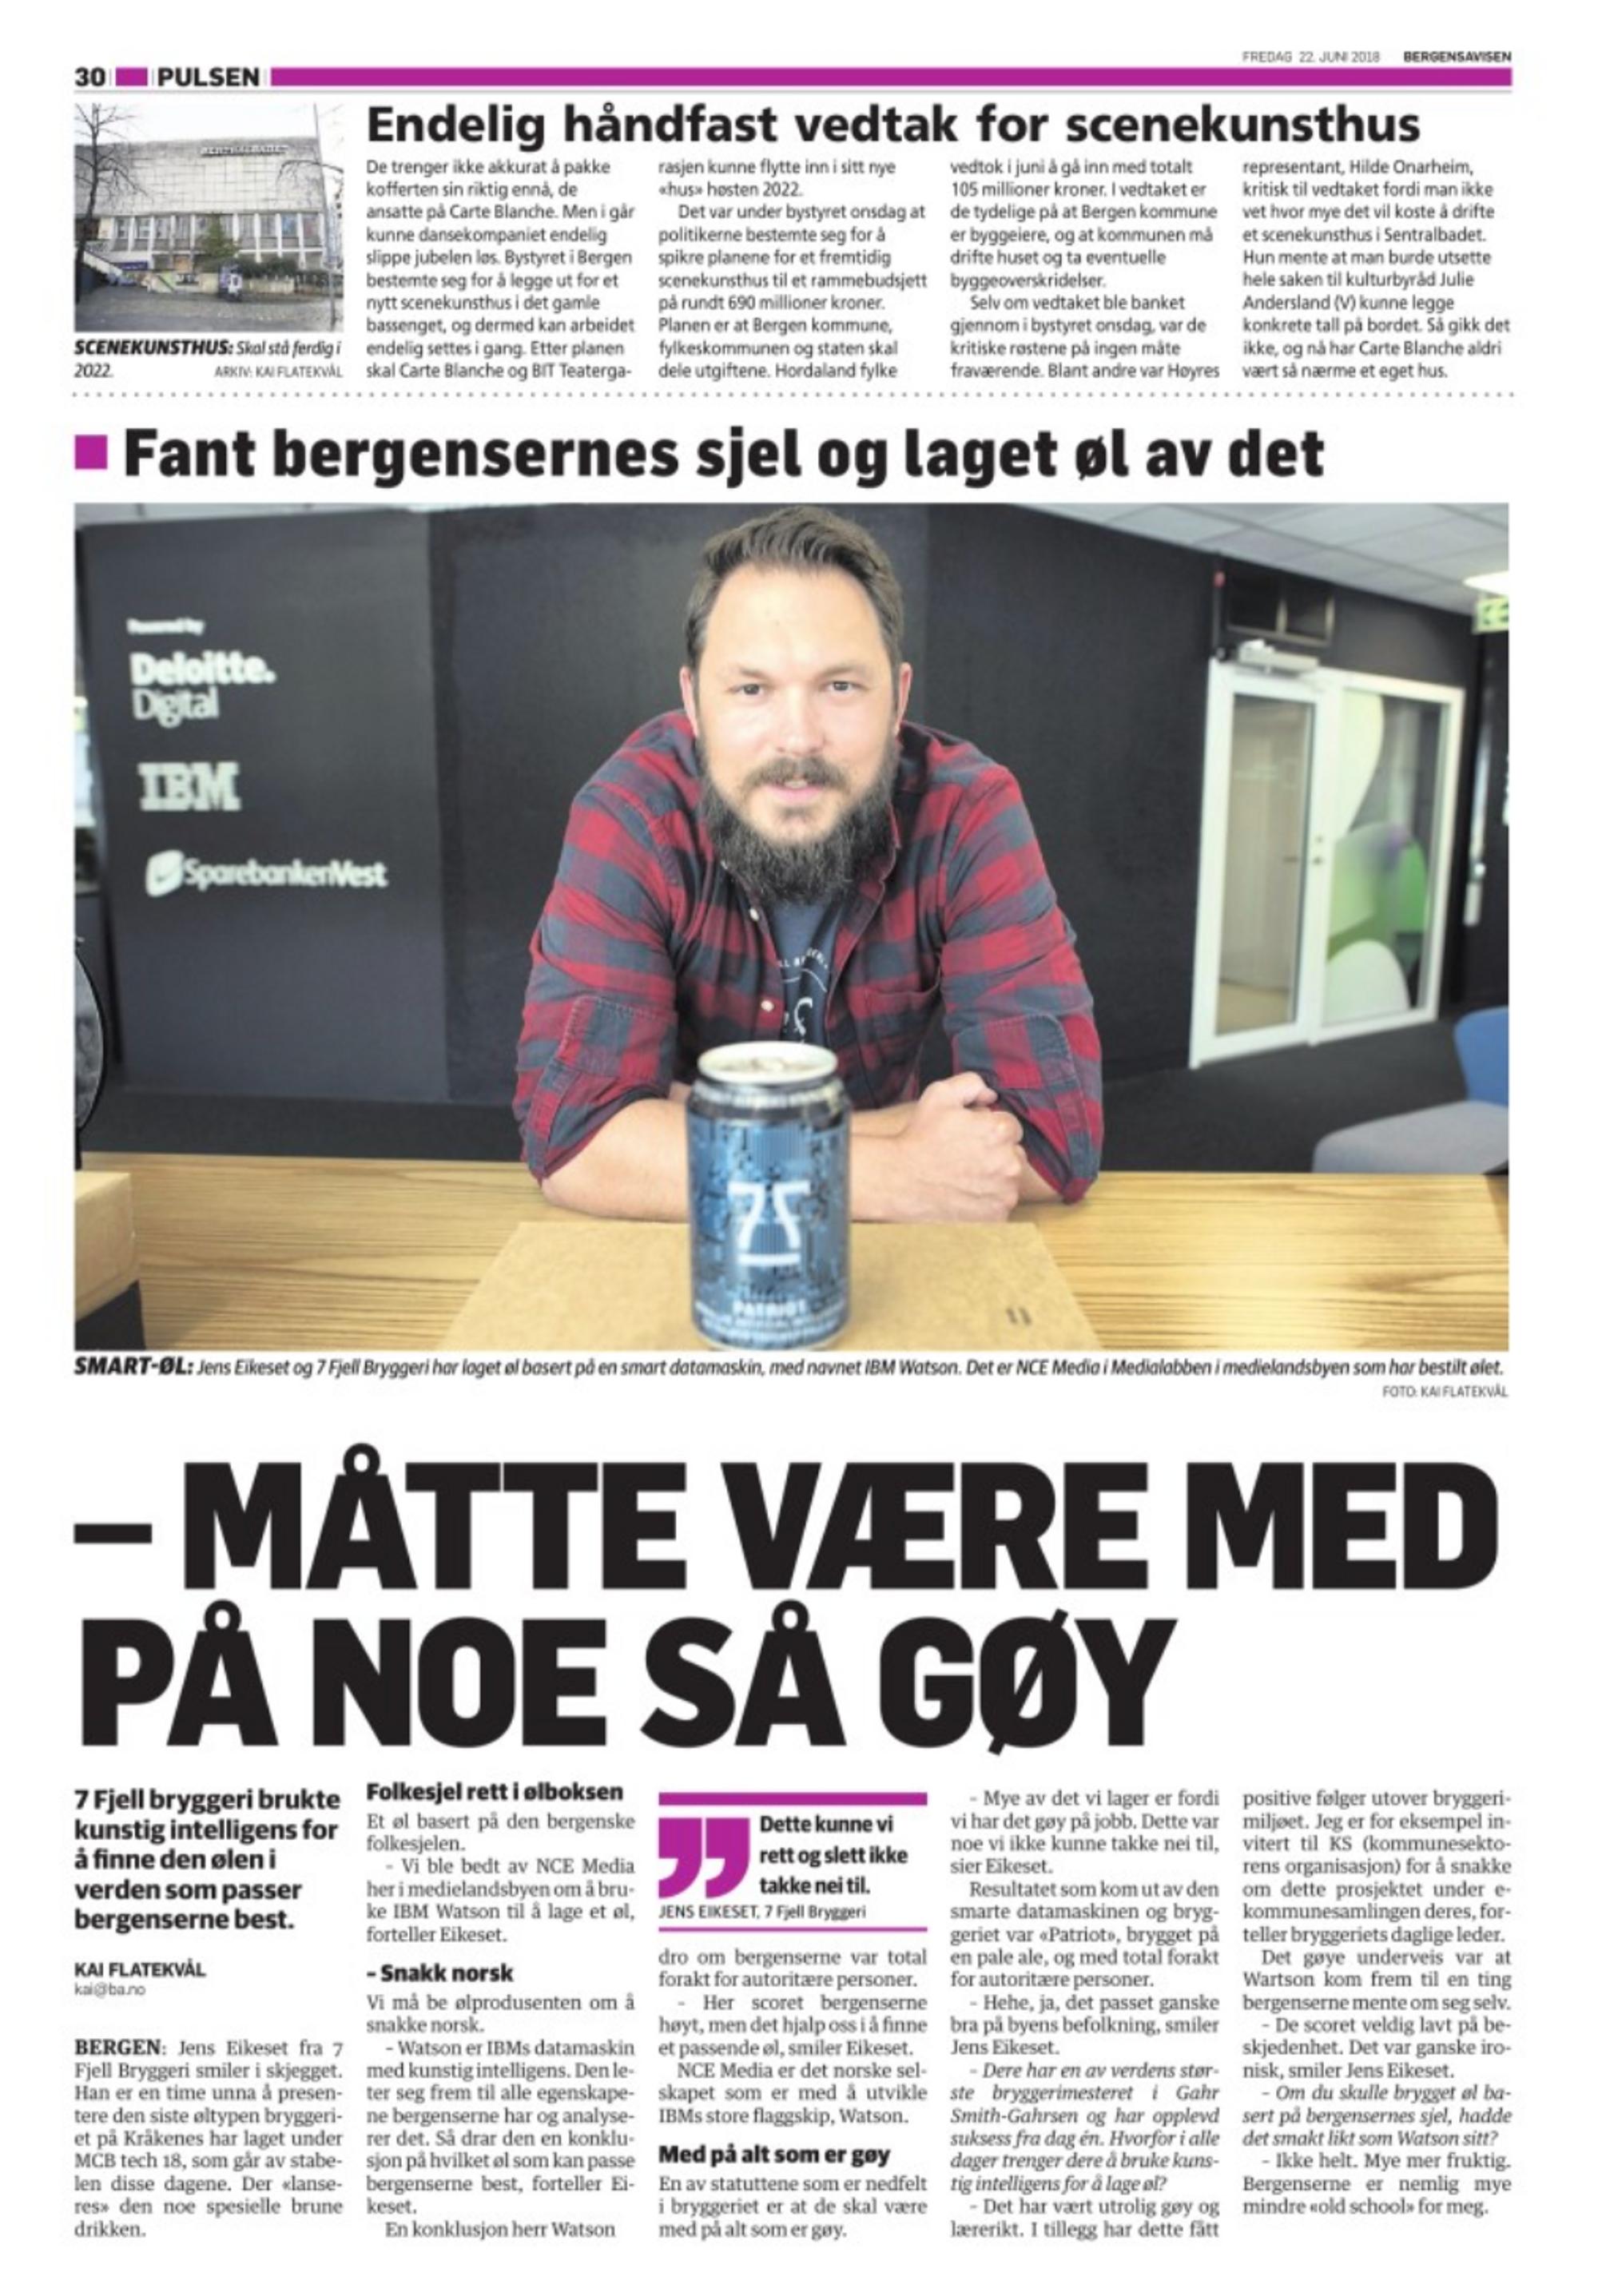 7f506a3c7 Leder for medieklyngen i Bergen syntes det var «langt mindre ...